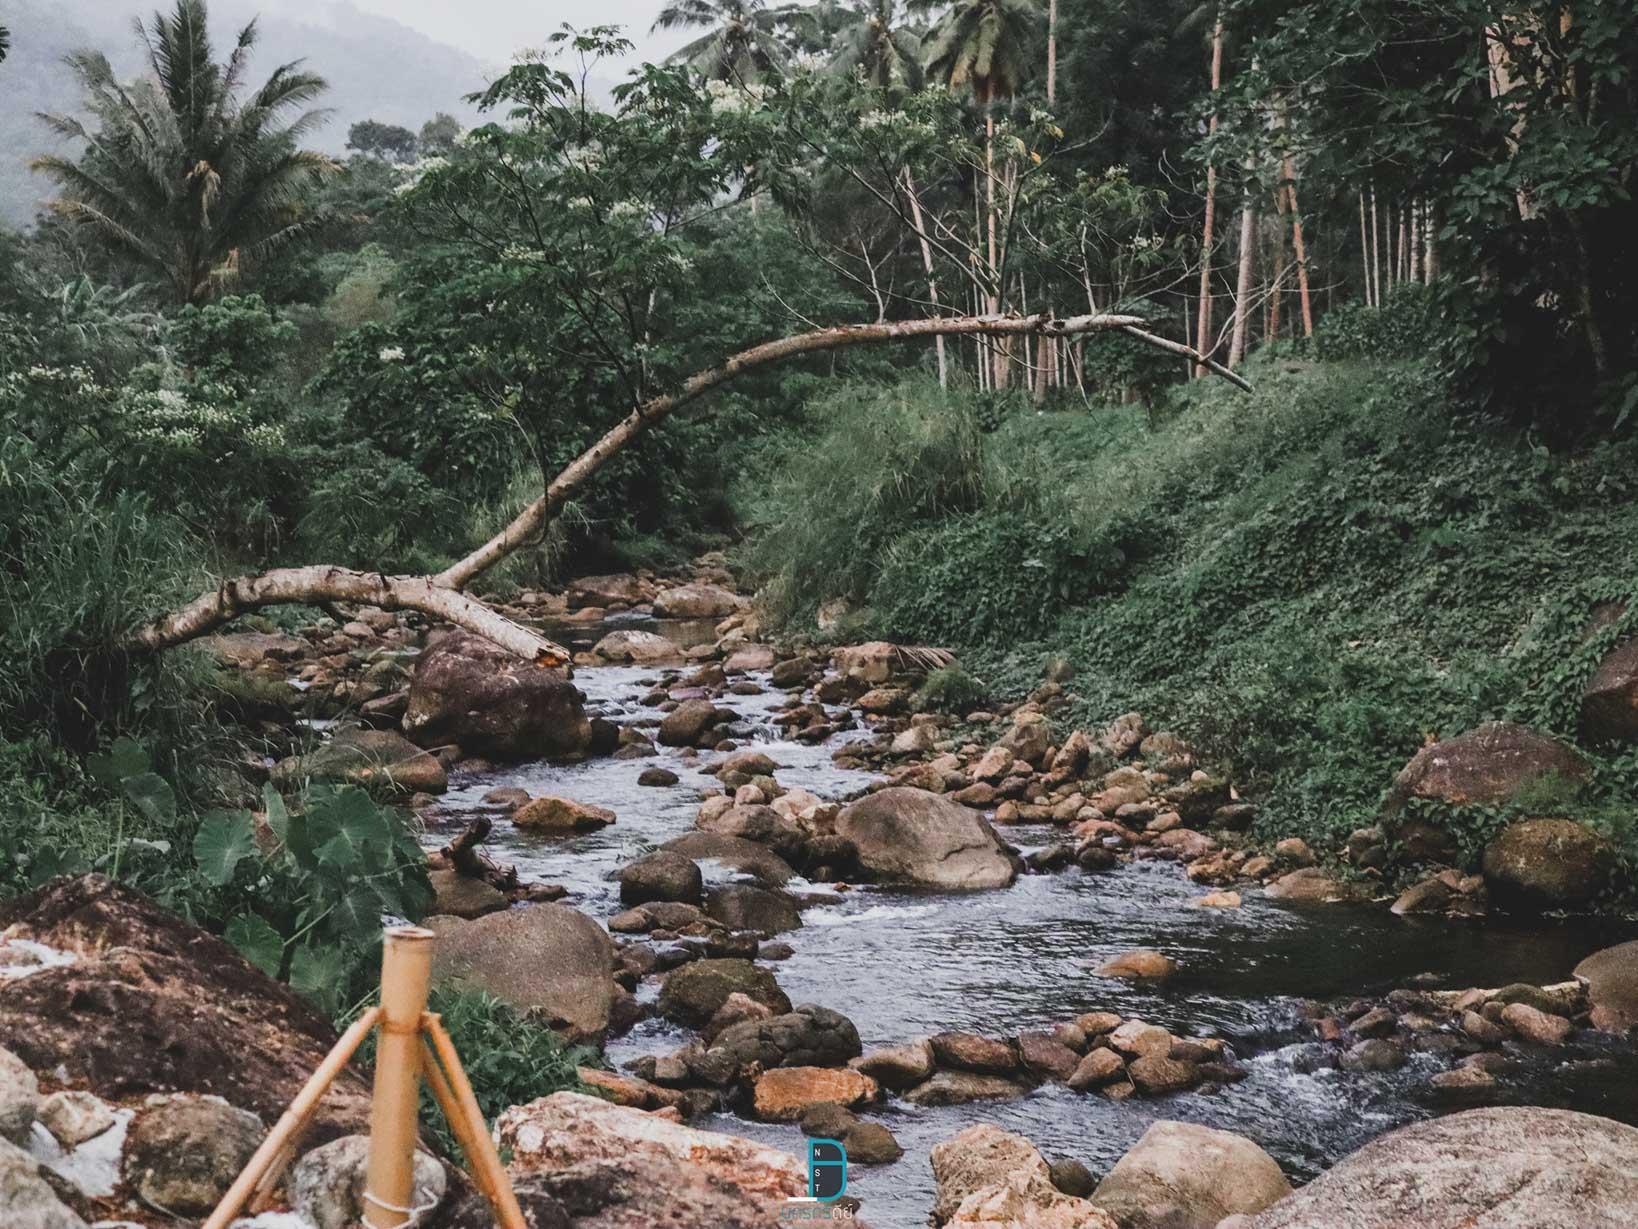 รีสอร์ทใหม่ริมลำธาร ช้างกลาง Chanya forest หมูกะทะวิวหลักล้าน กลางหุบเขา นครศรีธรรมราช นครศรีดีย์